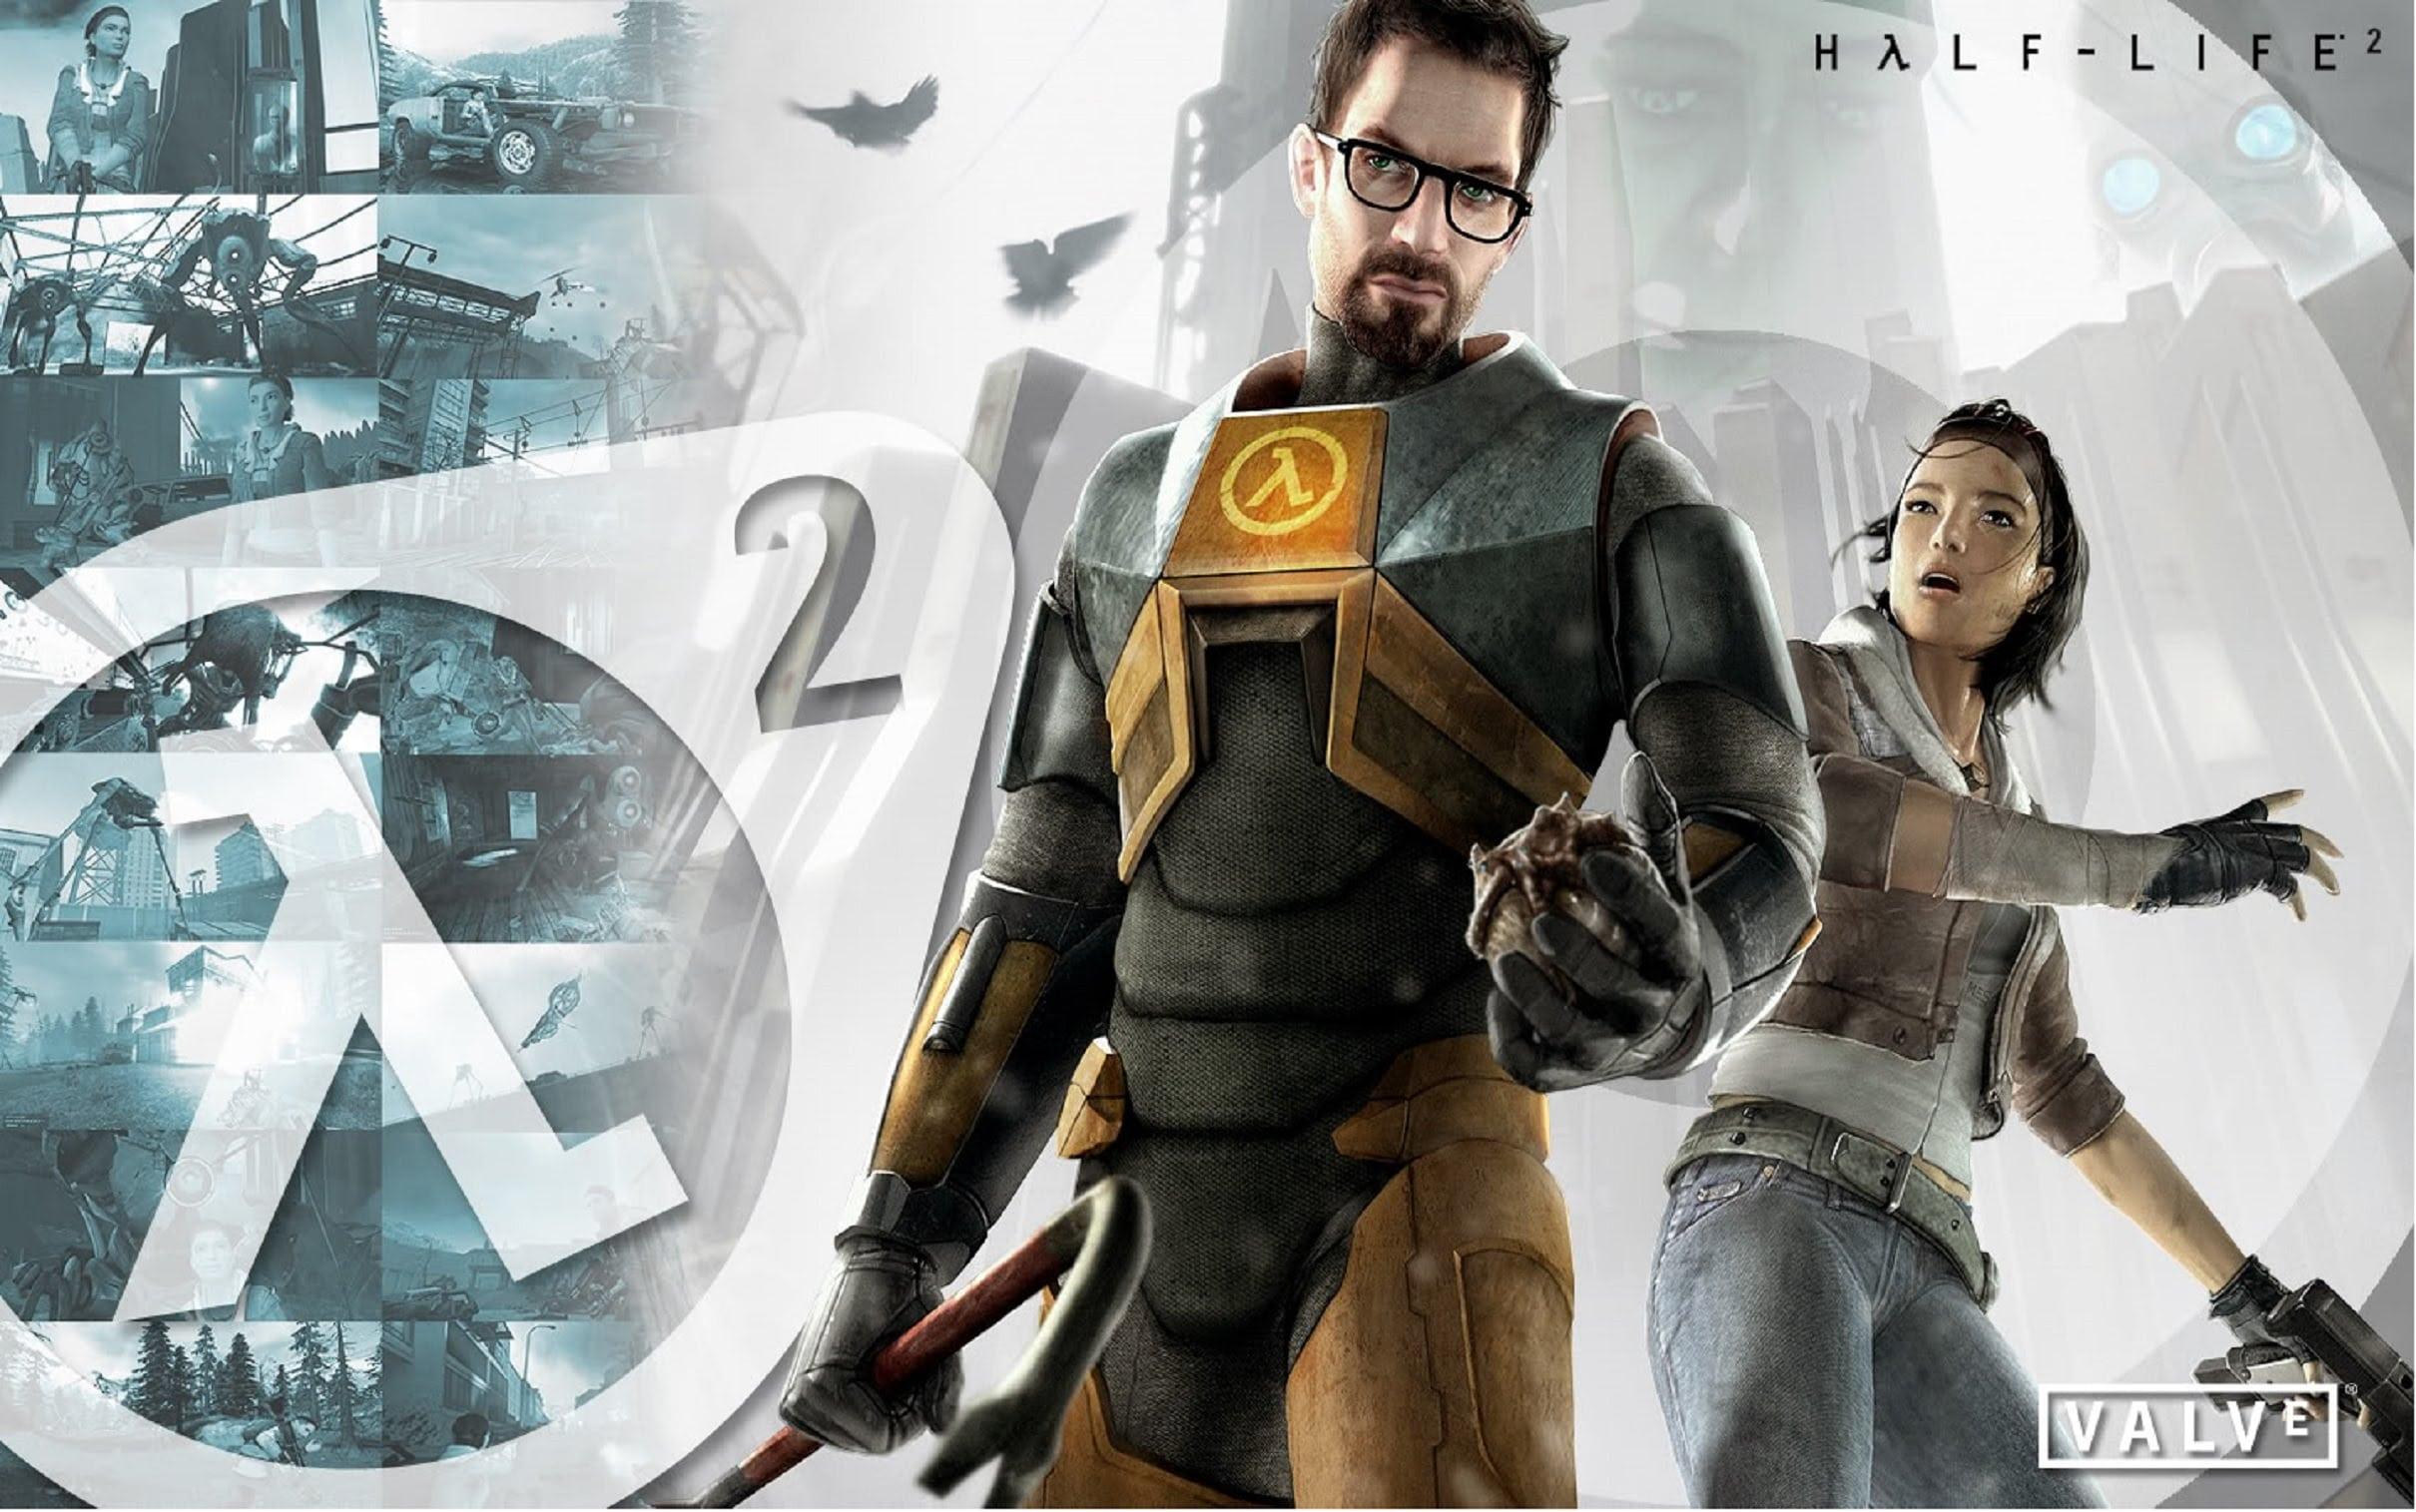 Half-Life 2 HD pics